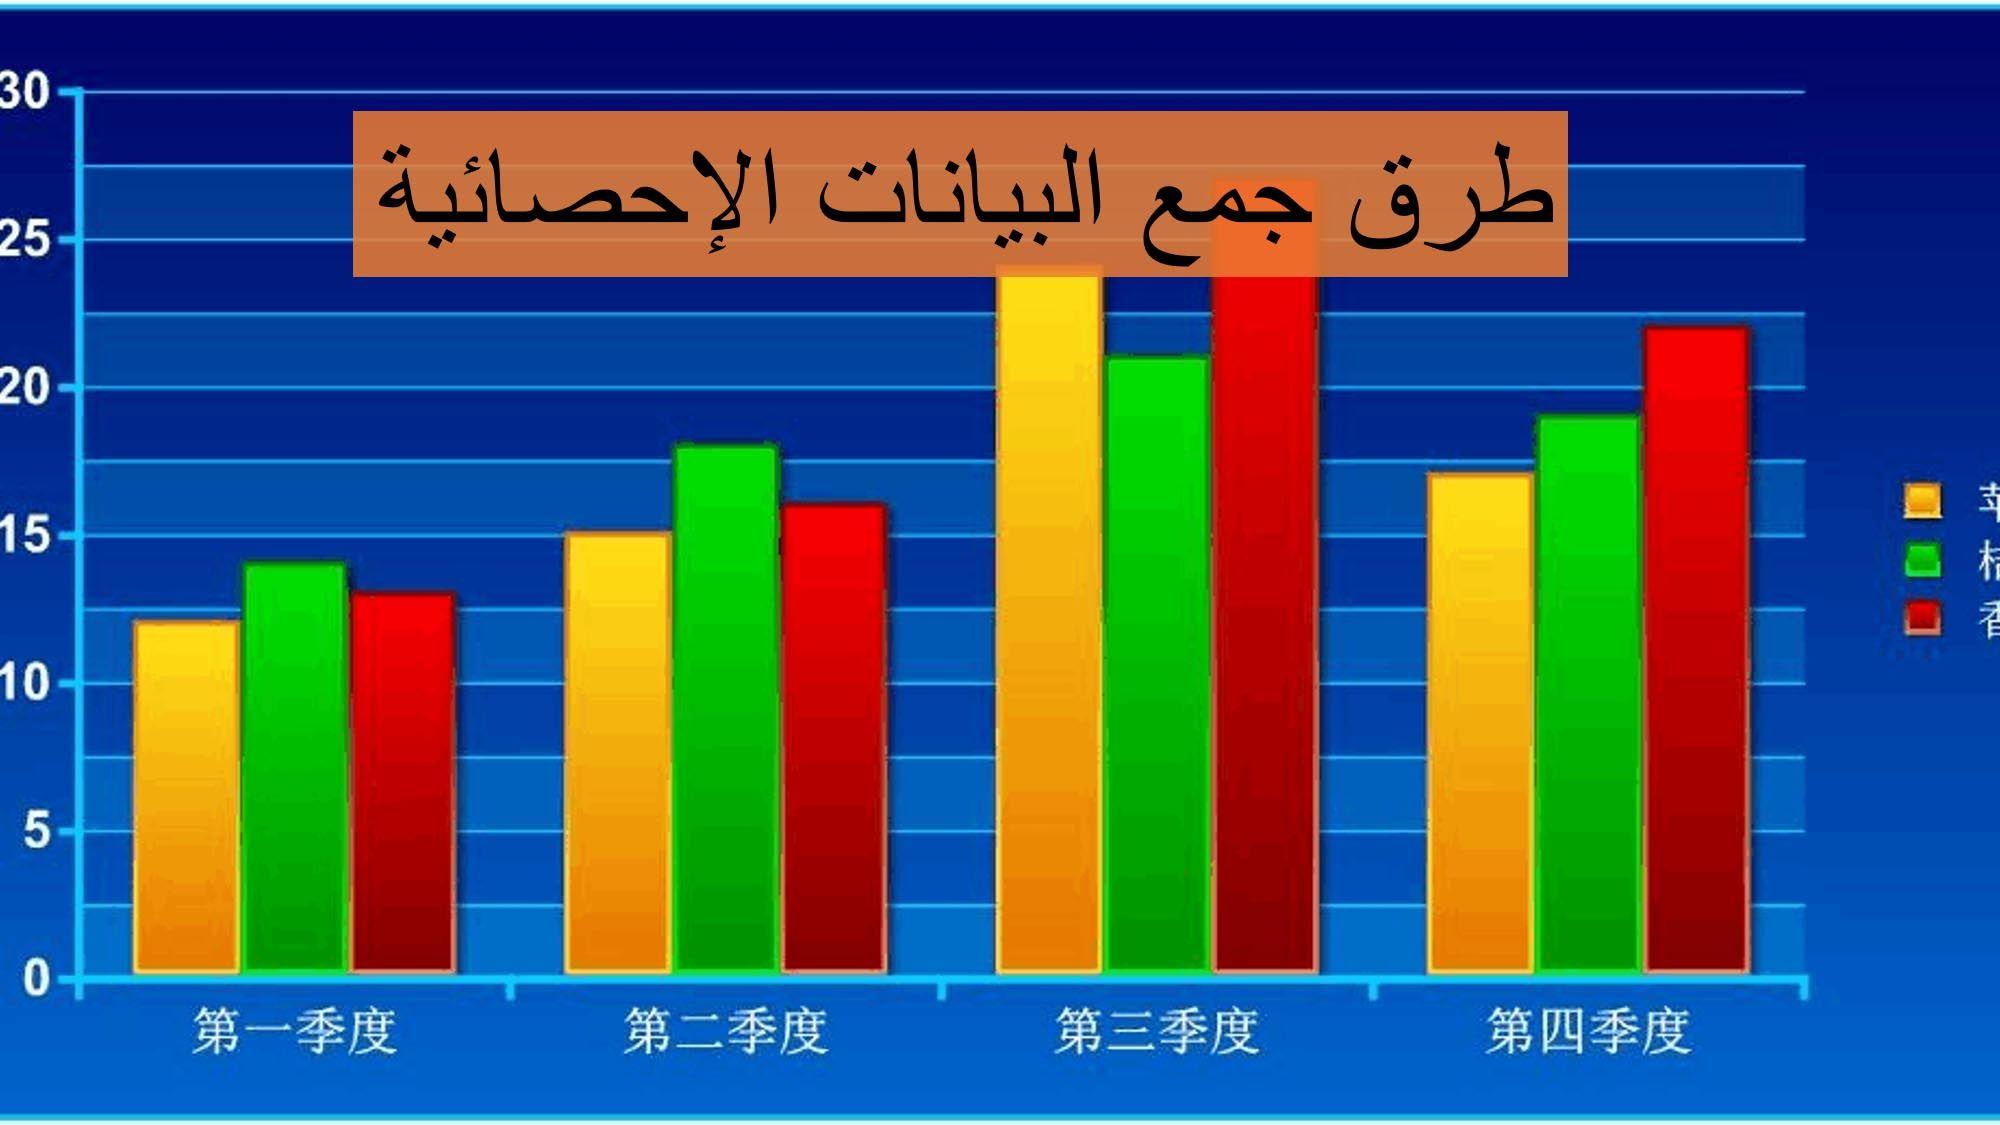 يقوم البحث الإحصائي على عدة مراحل لعل من أهمها تحديد طريقة جمع البيانات الإحصائية بجمع البيانات بطريقة علمية سليمة ومحددة ودقيقة يؤدي إلى الوص Bar Chart Chart